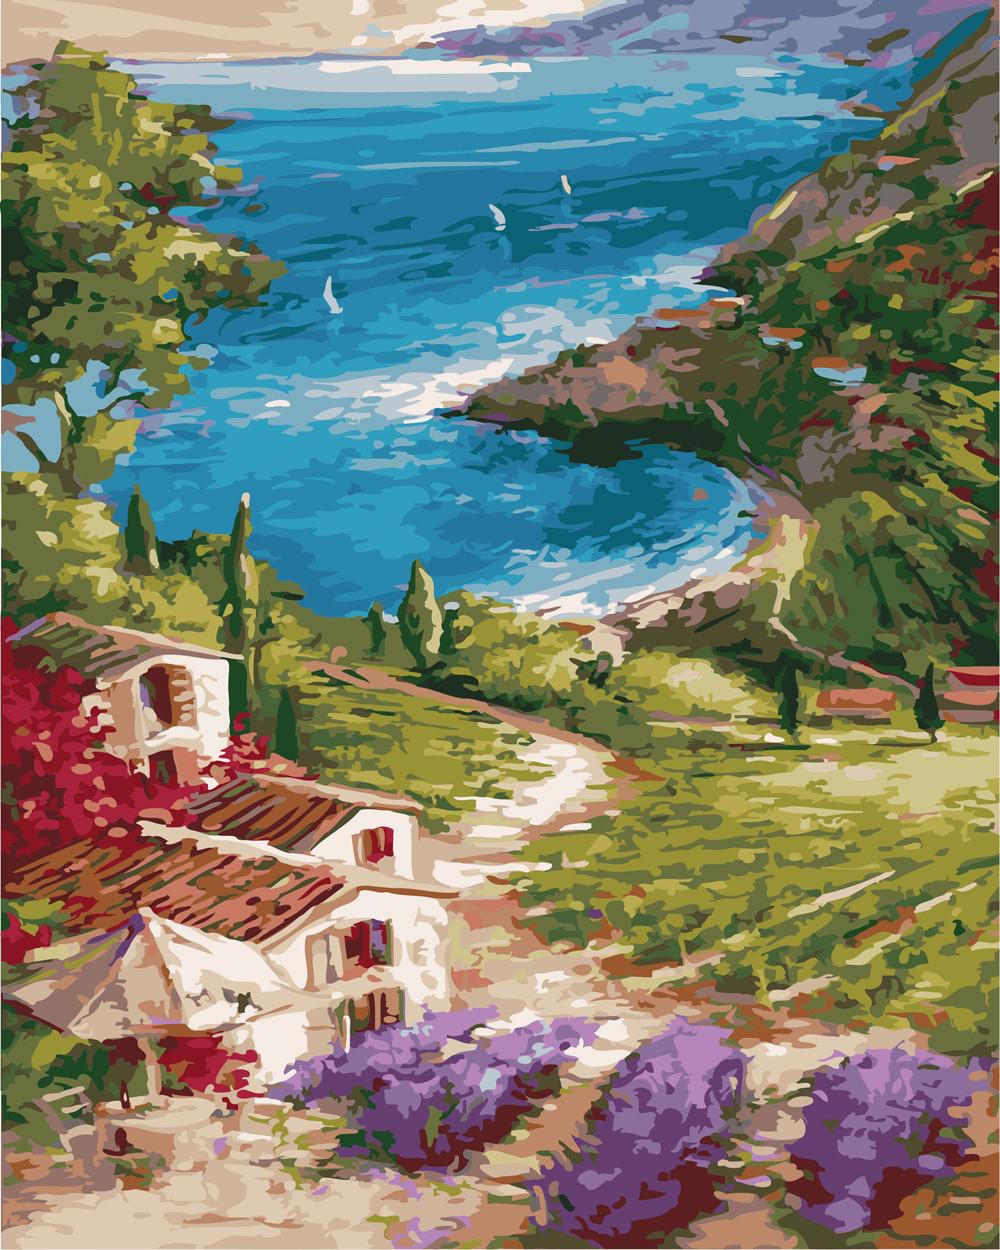 Картина по номерам Деревушка на берегу залива 40 х 50 см (BK-GX23163)